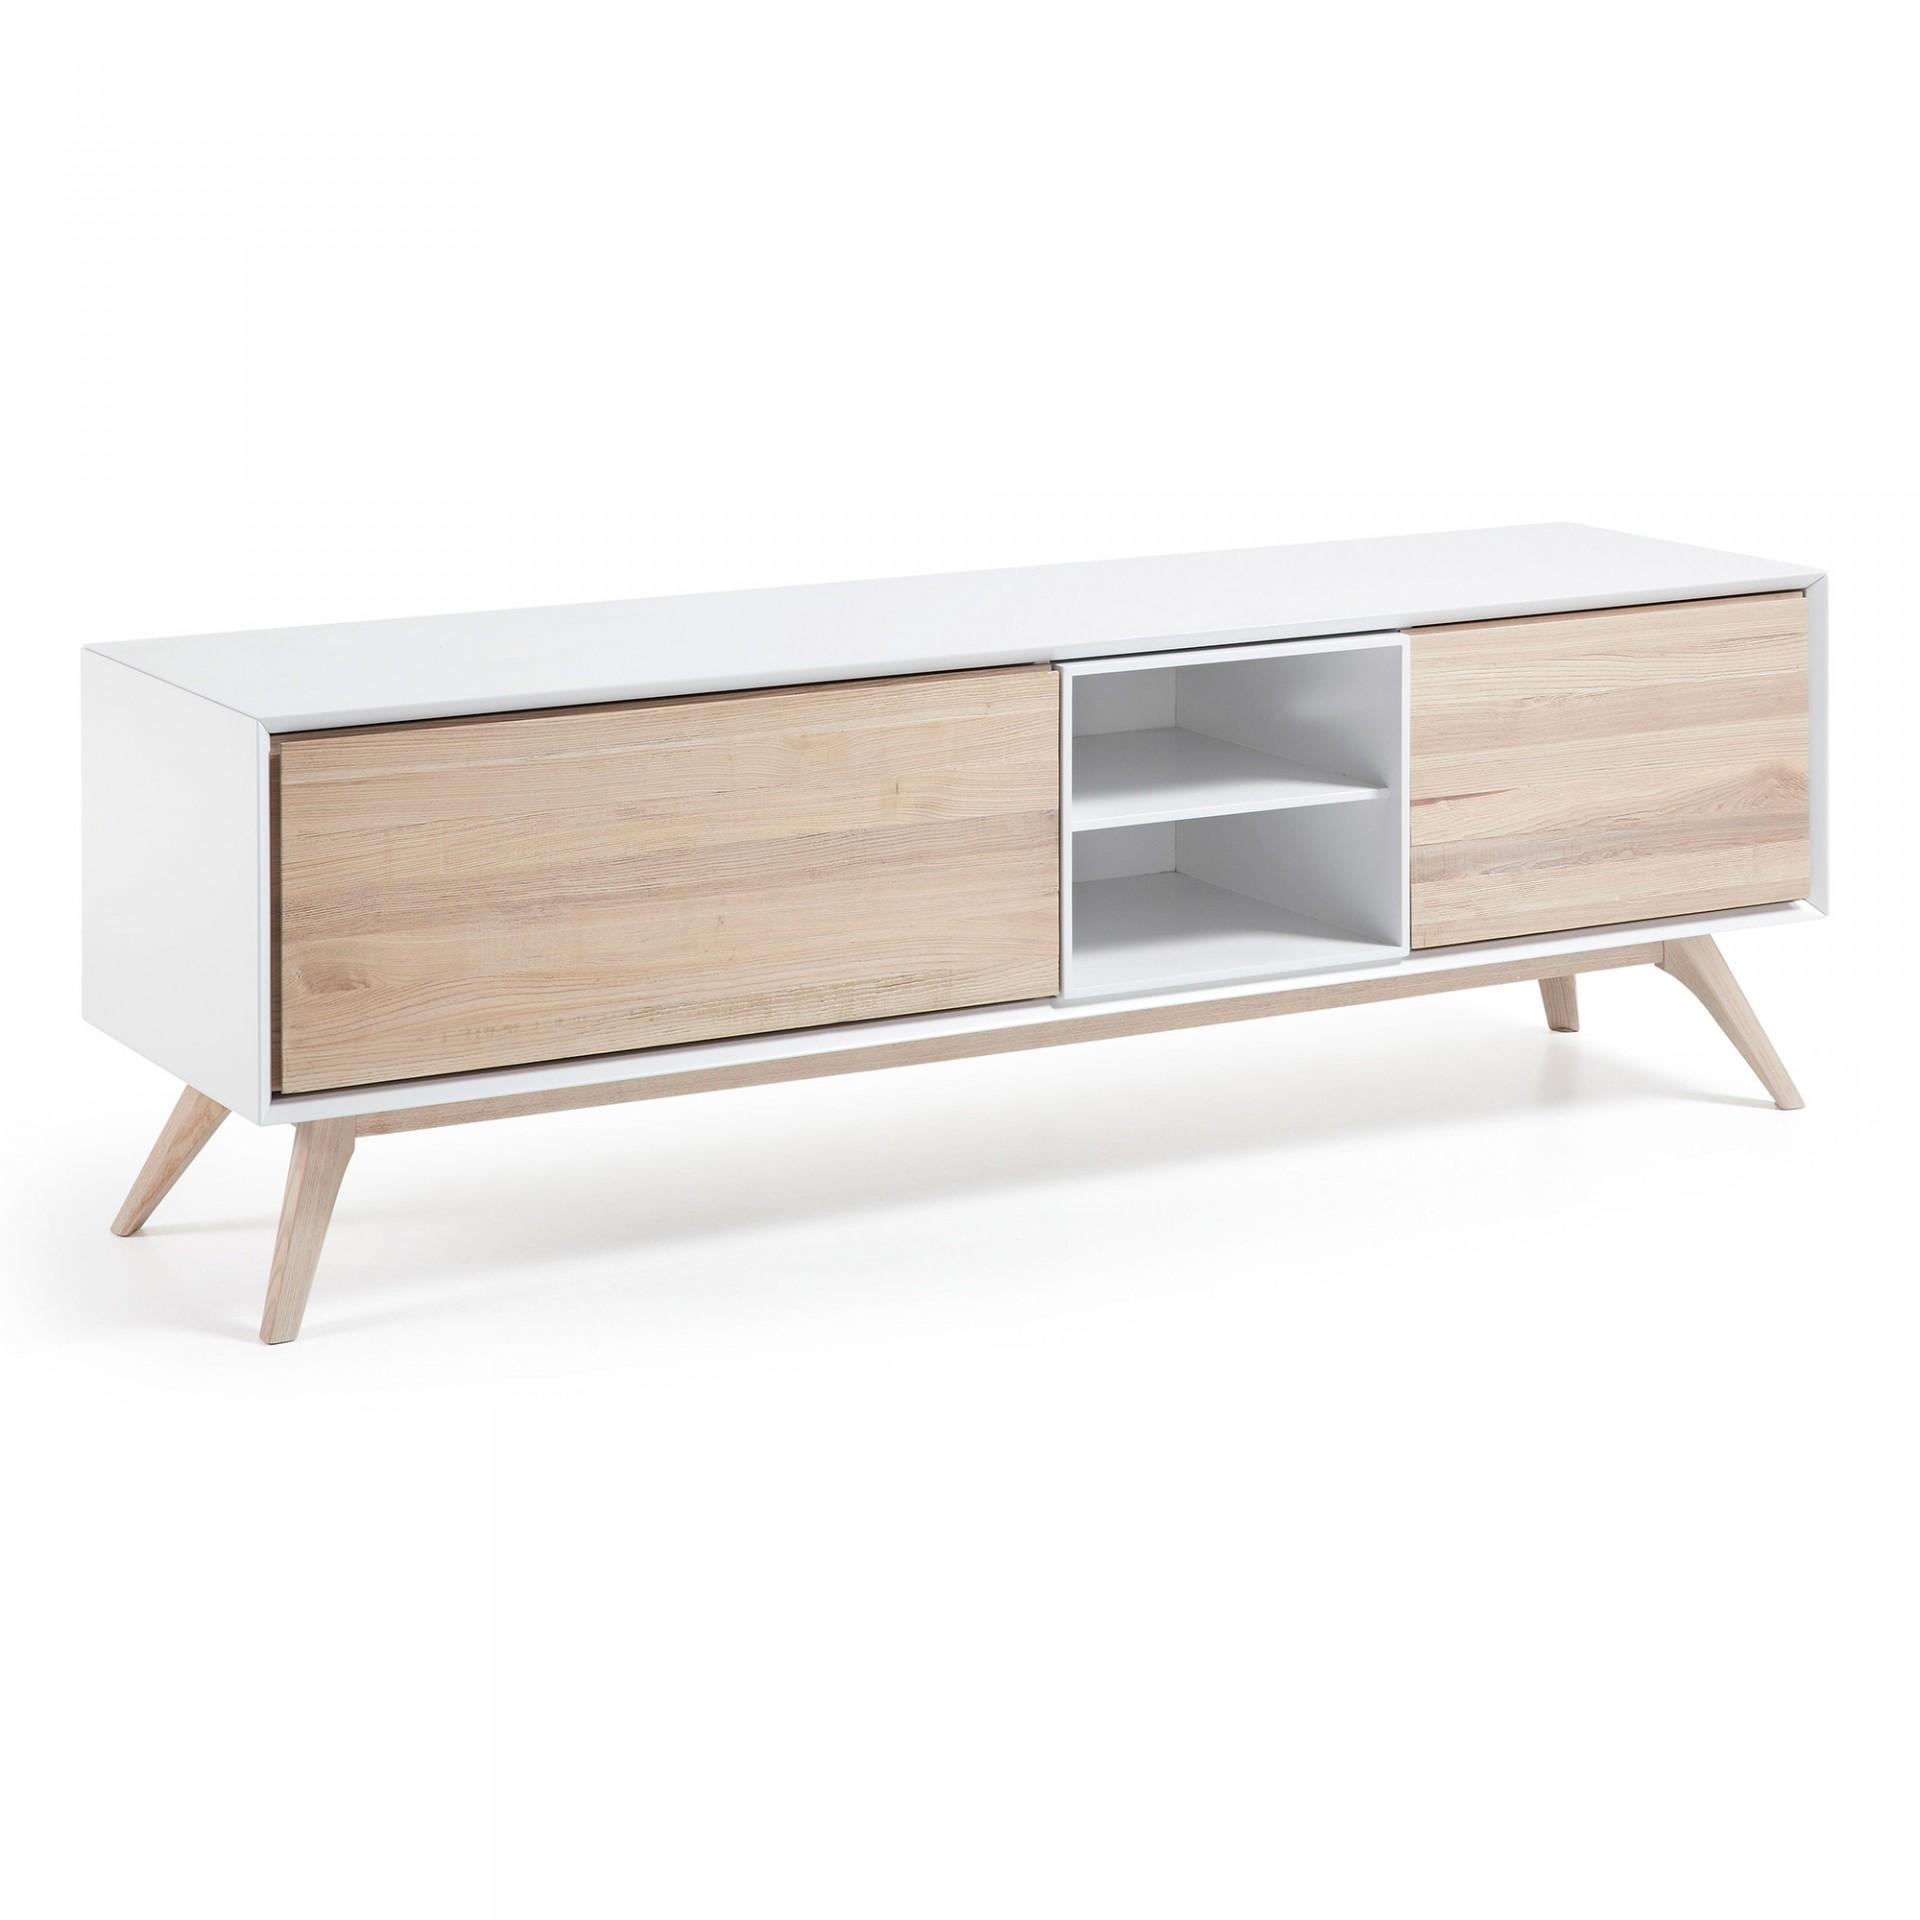 Móvel TV Emmi, madeira de freixo/MDF lacado, 174x56